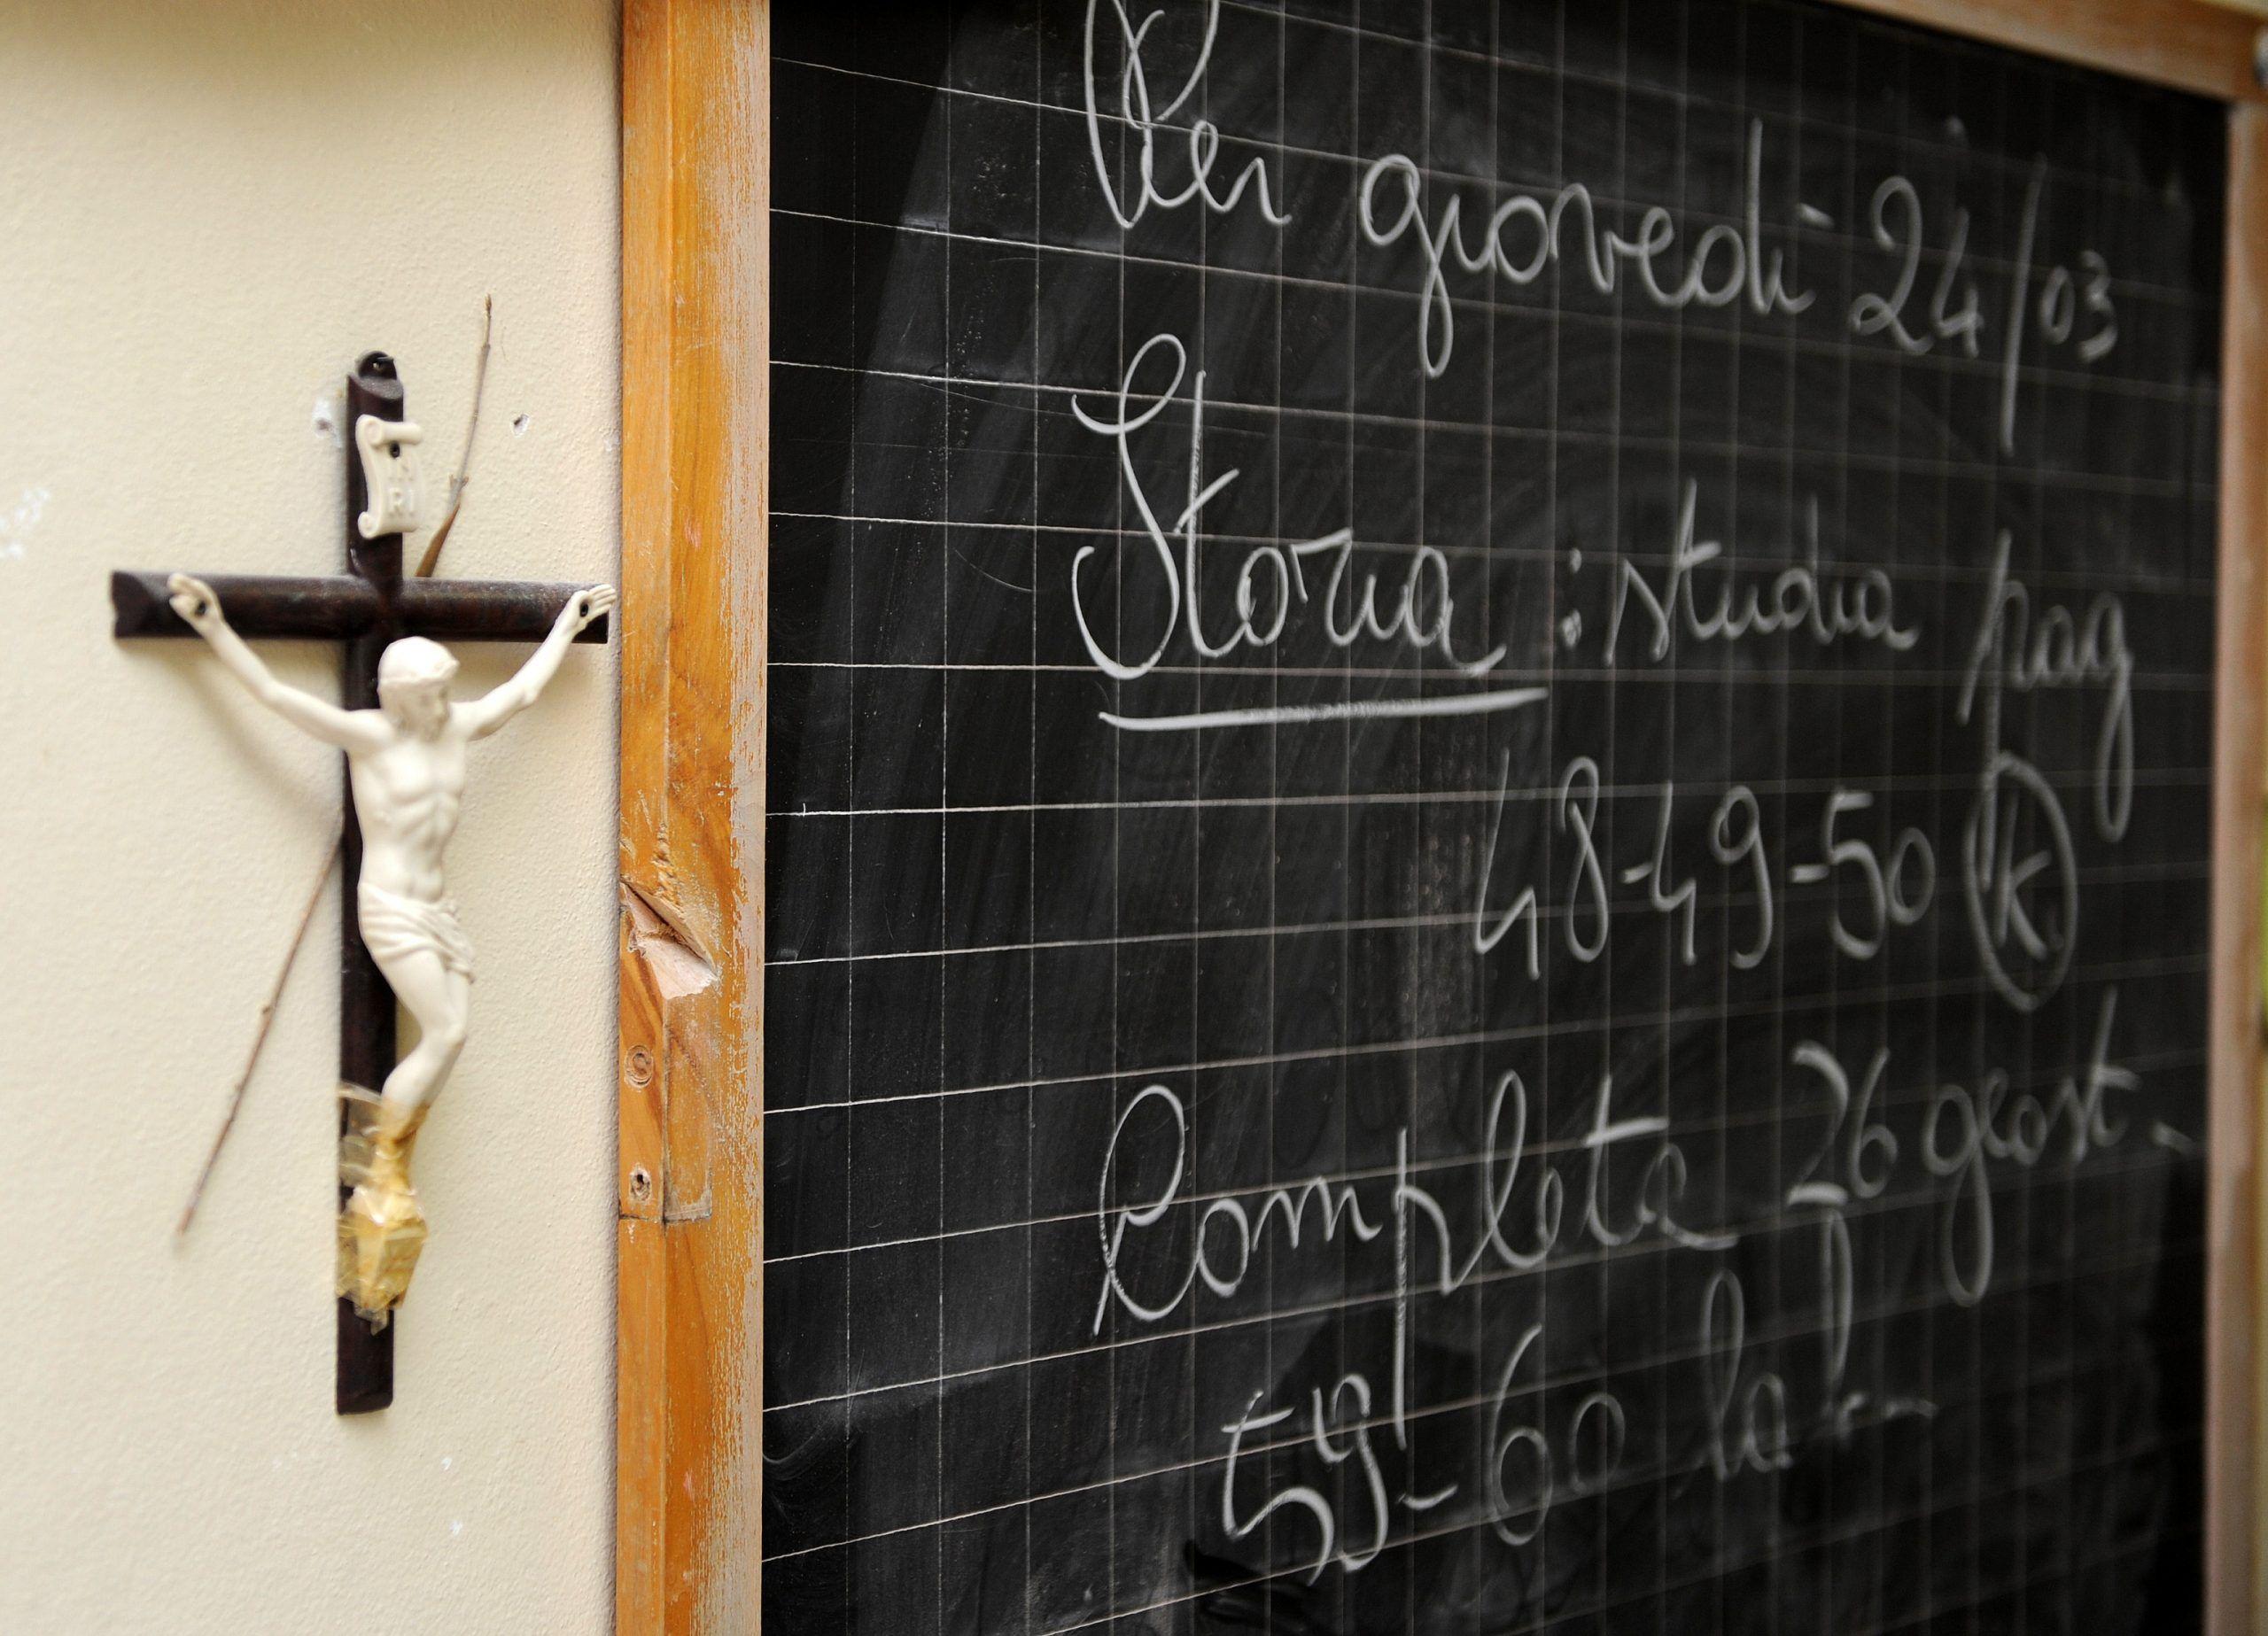 CROCIFISSO:ITALIA A GRANDE CAMERA, ECCO PERCHE' DEVE RESTARE.